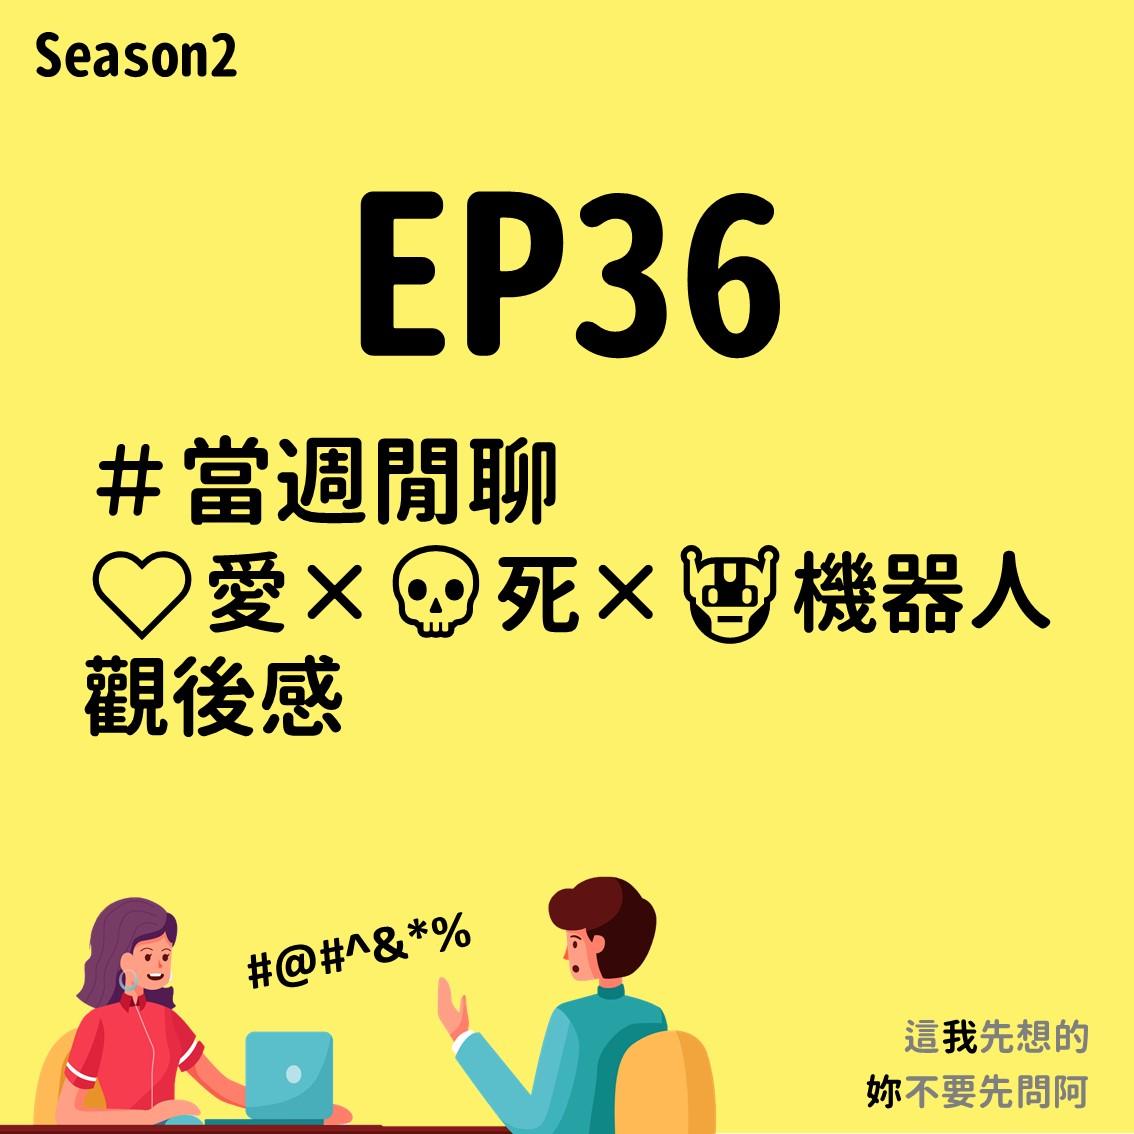 EP36 當週閒聊|❤️愛×💀死×🤖機器人觀後感